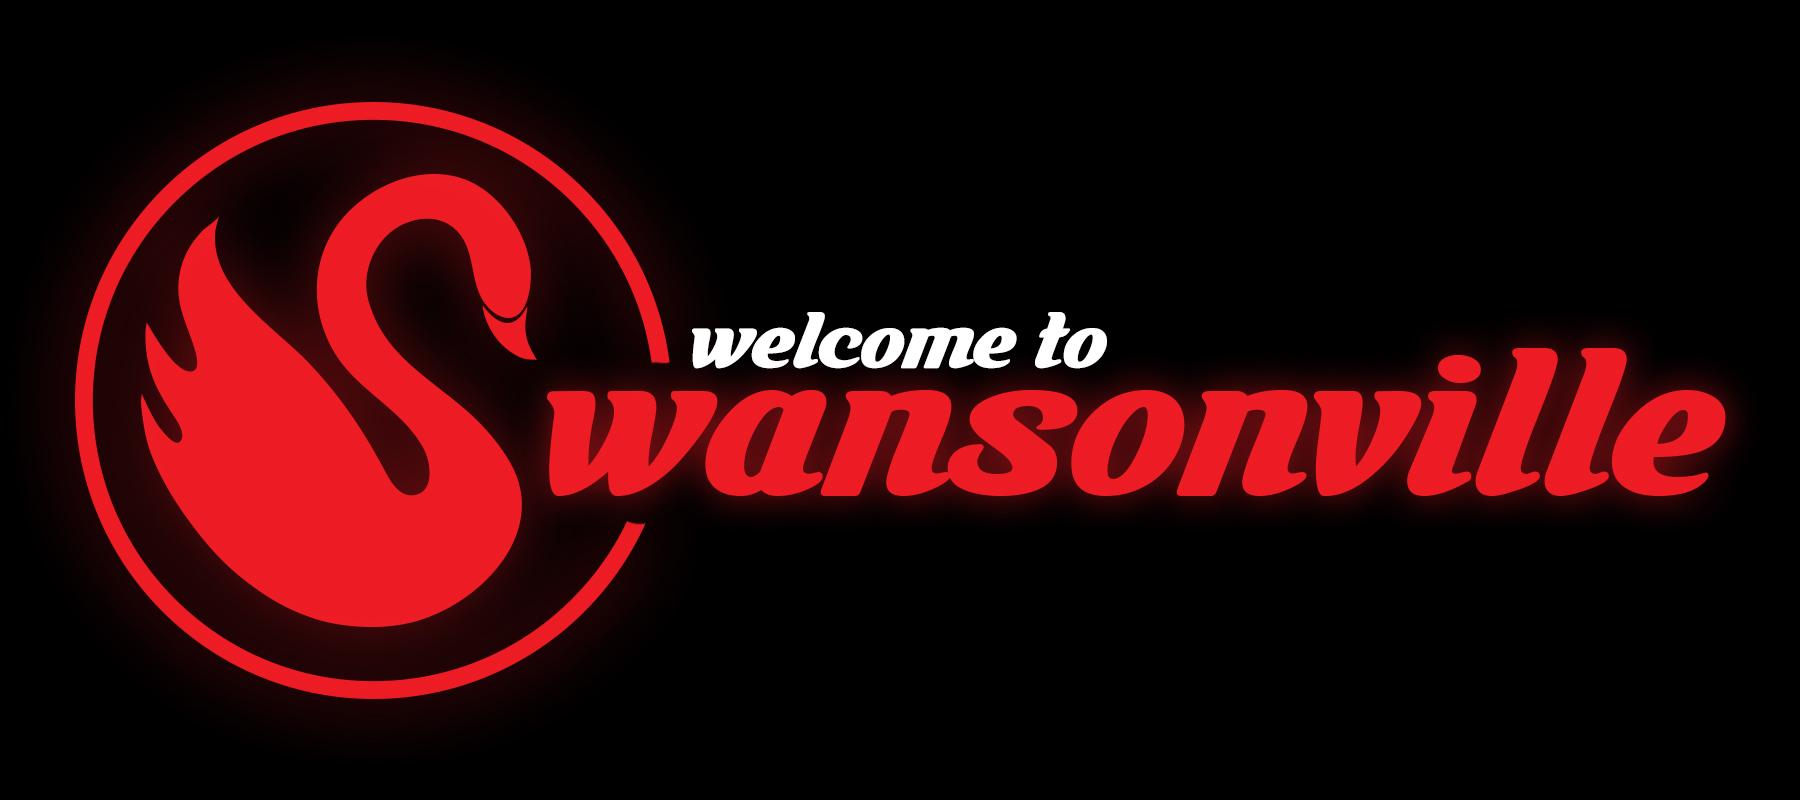 swansonville-logo-ALT